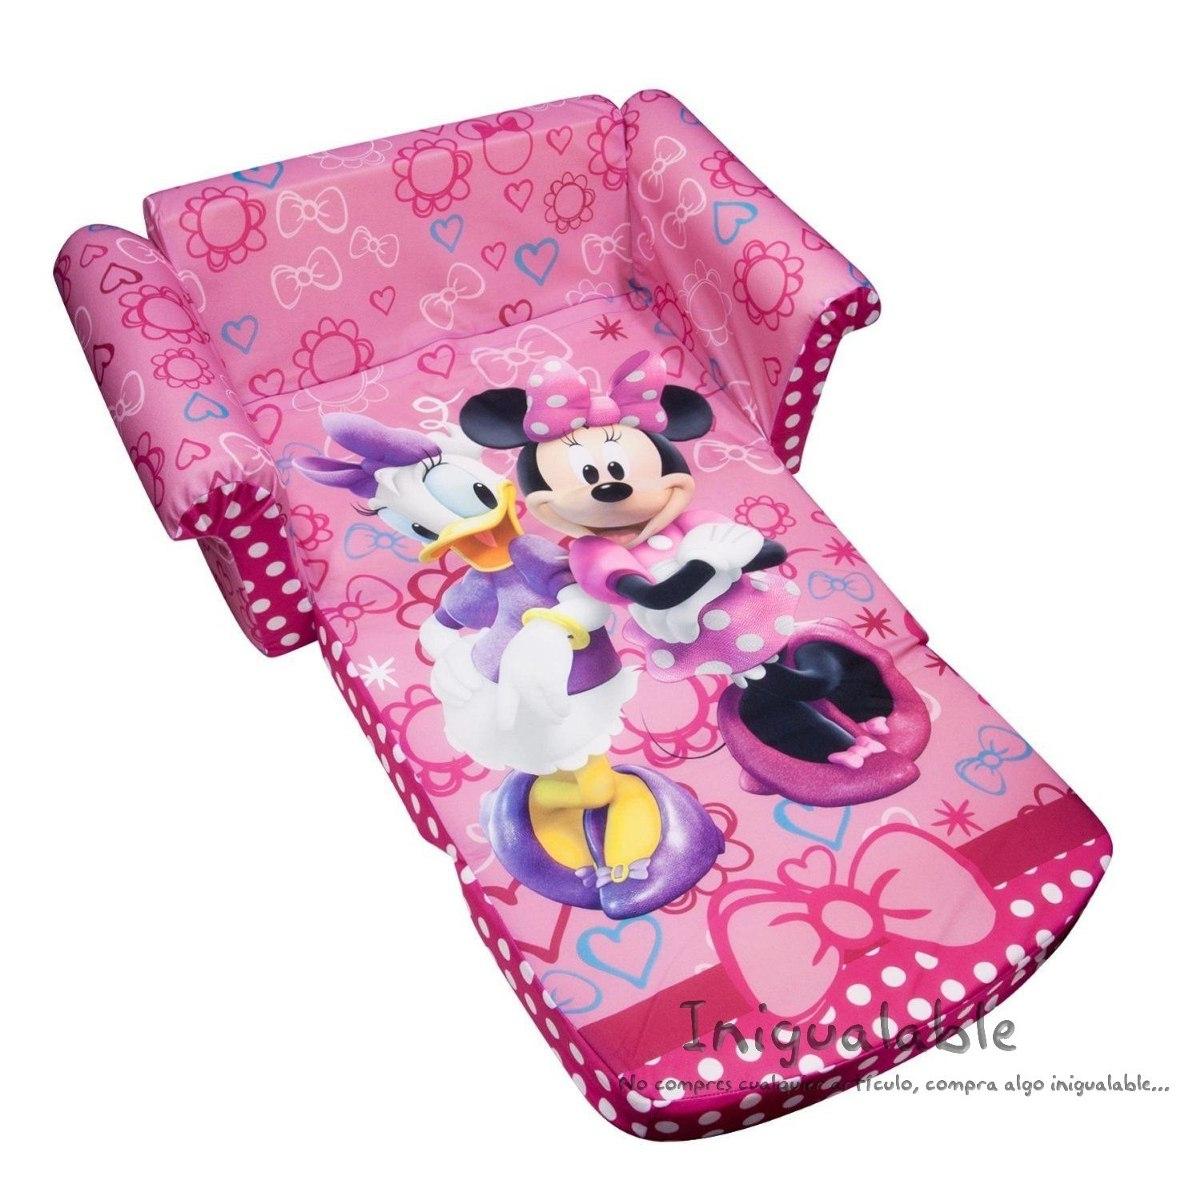 Sofa cama Para Nios De Minnie Mouse 270000 En